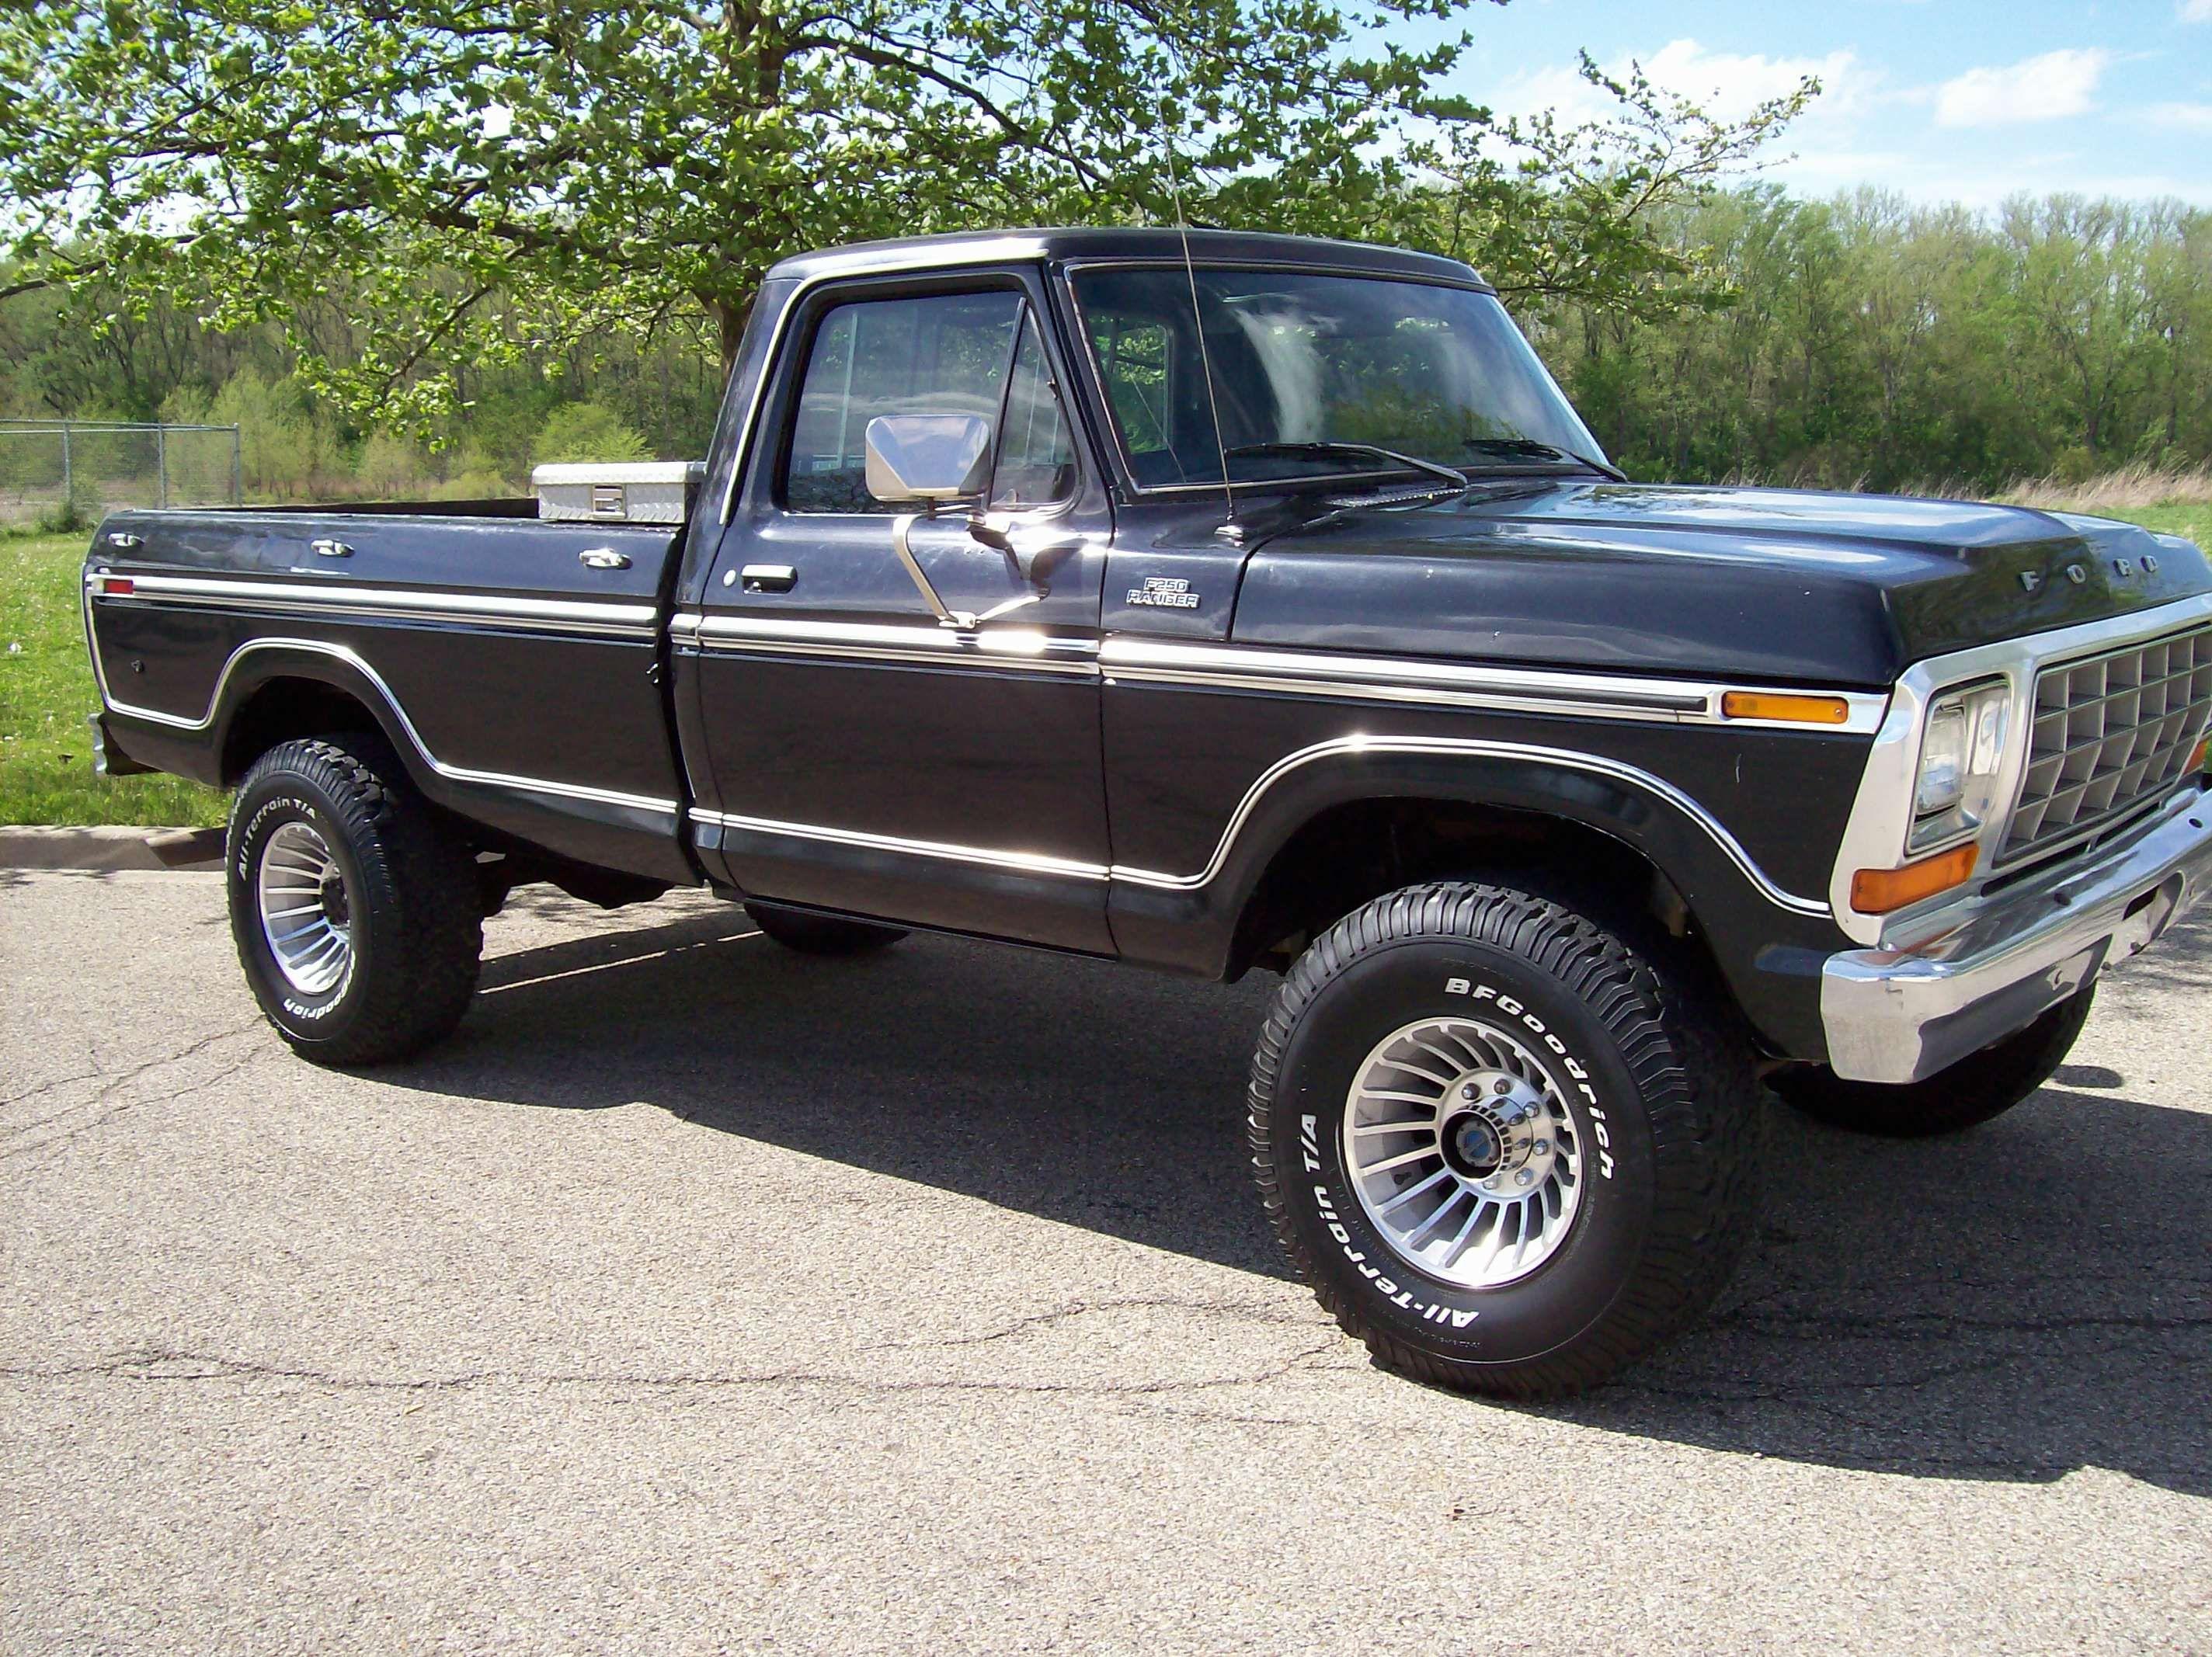 Steiny S Classic 4x4 Trucks 79 Ford Truck Ford Trucks 1979